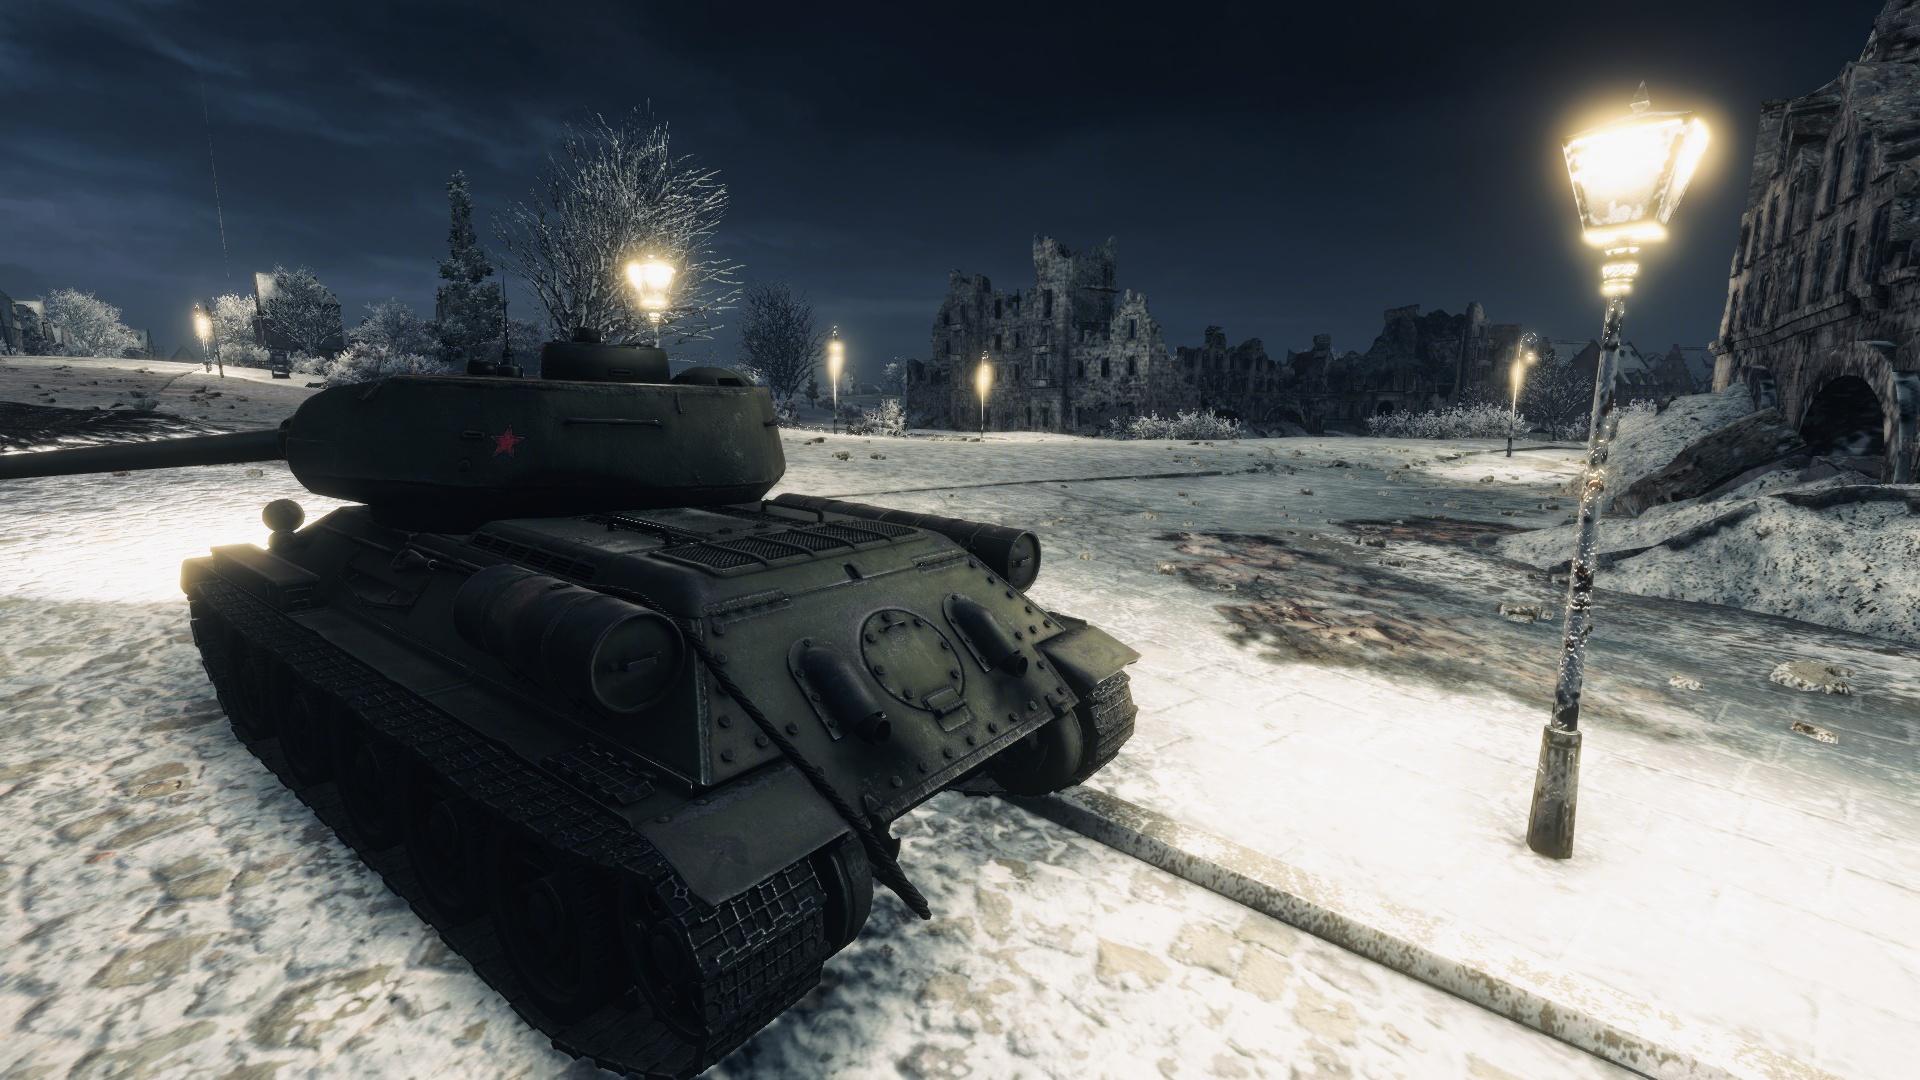 картинки ворлд оф танк новые танки причин появления дефектов